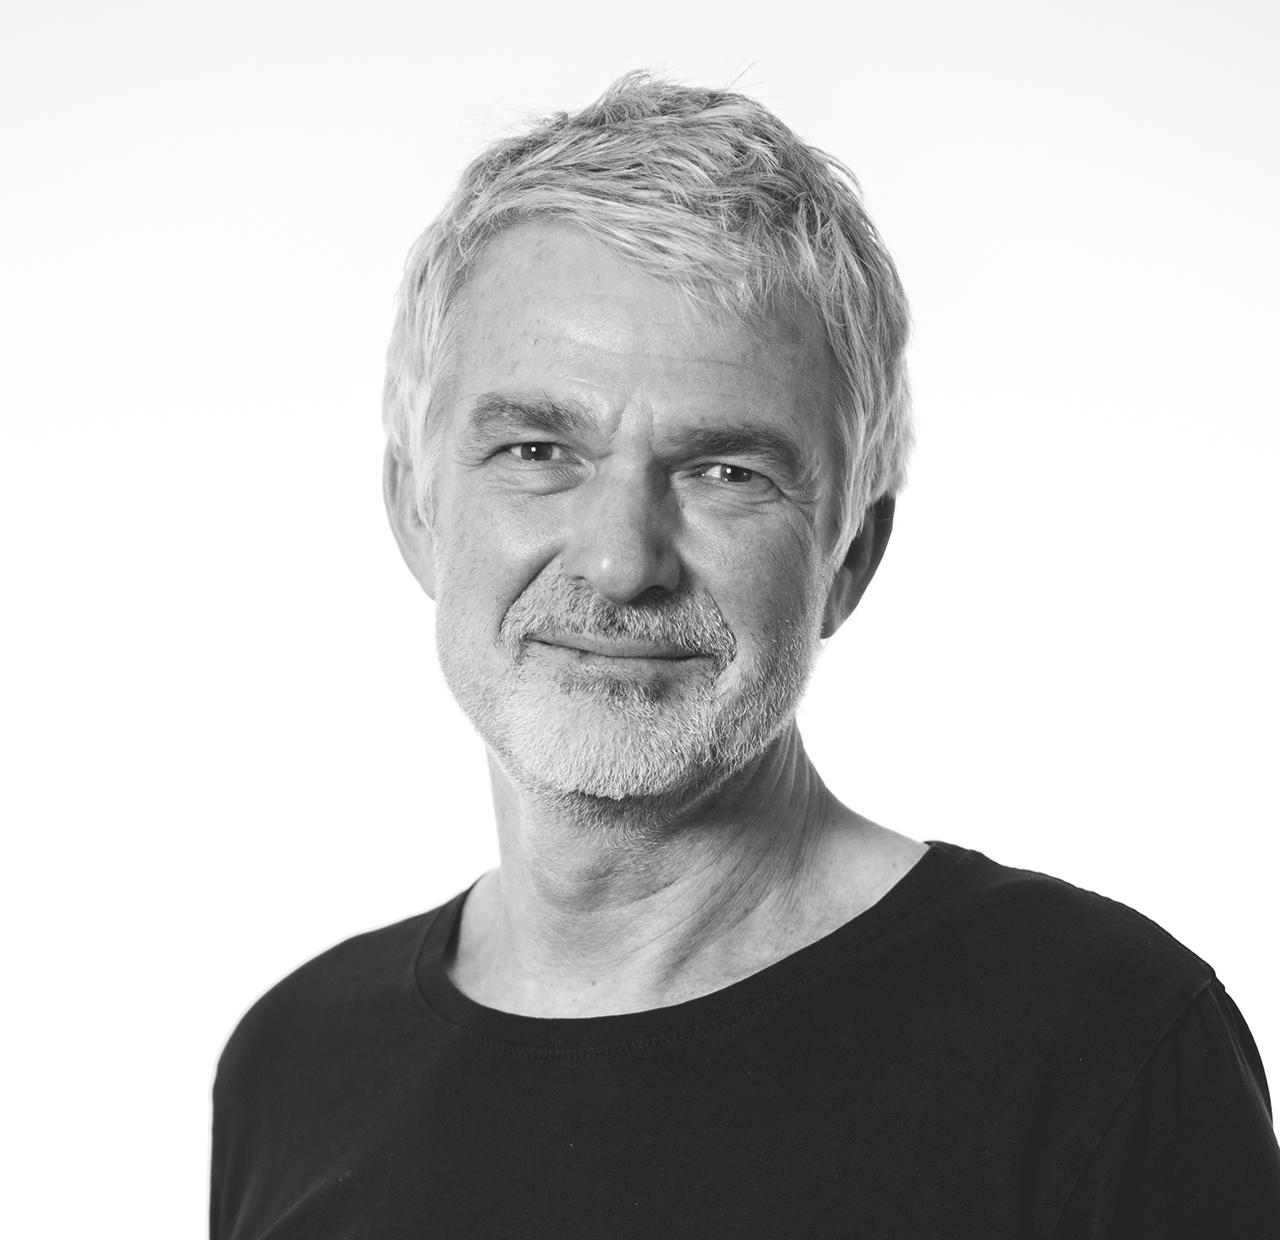 Martin Ekelund